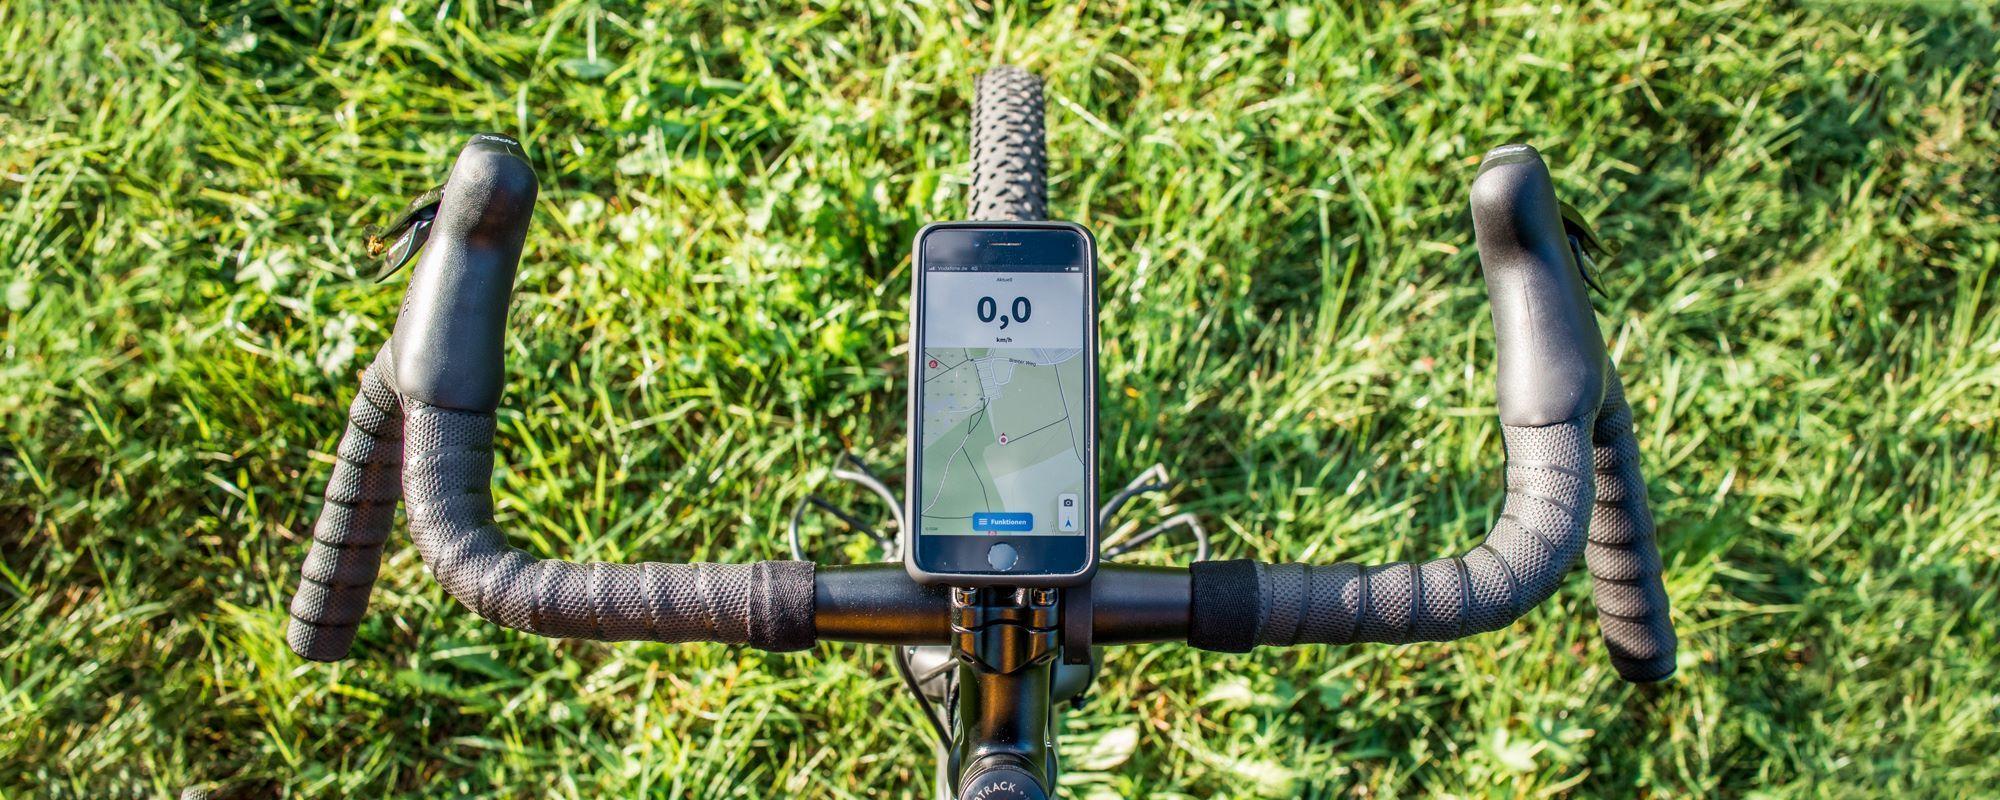 SP Connect Handyhalterung im Test - Erfahrungen mit dem vielseitigen Handyhalter für Lenker, Vorbau und Ahead-Steuersatz